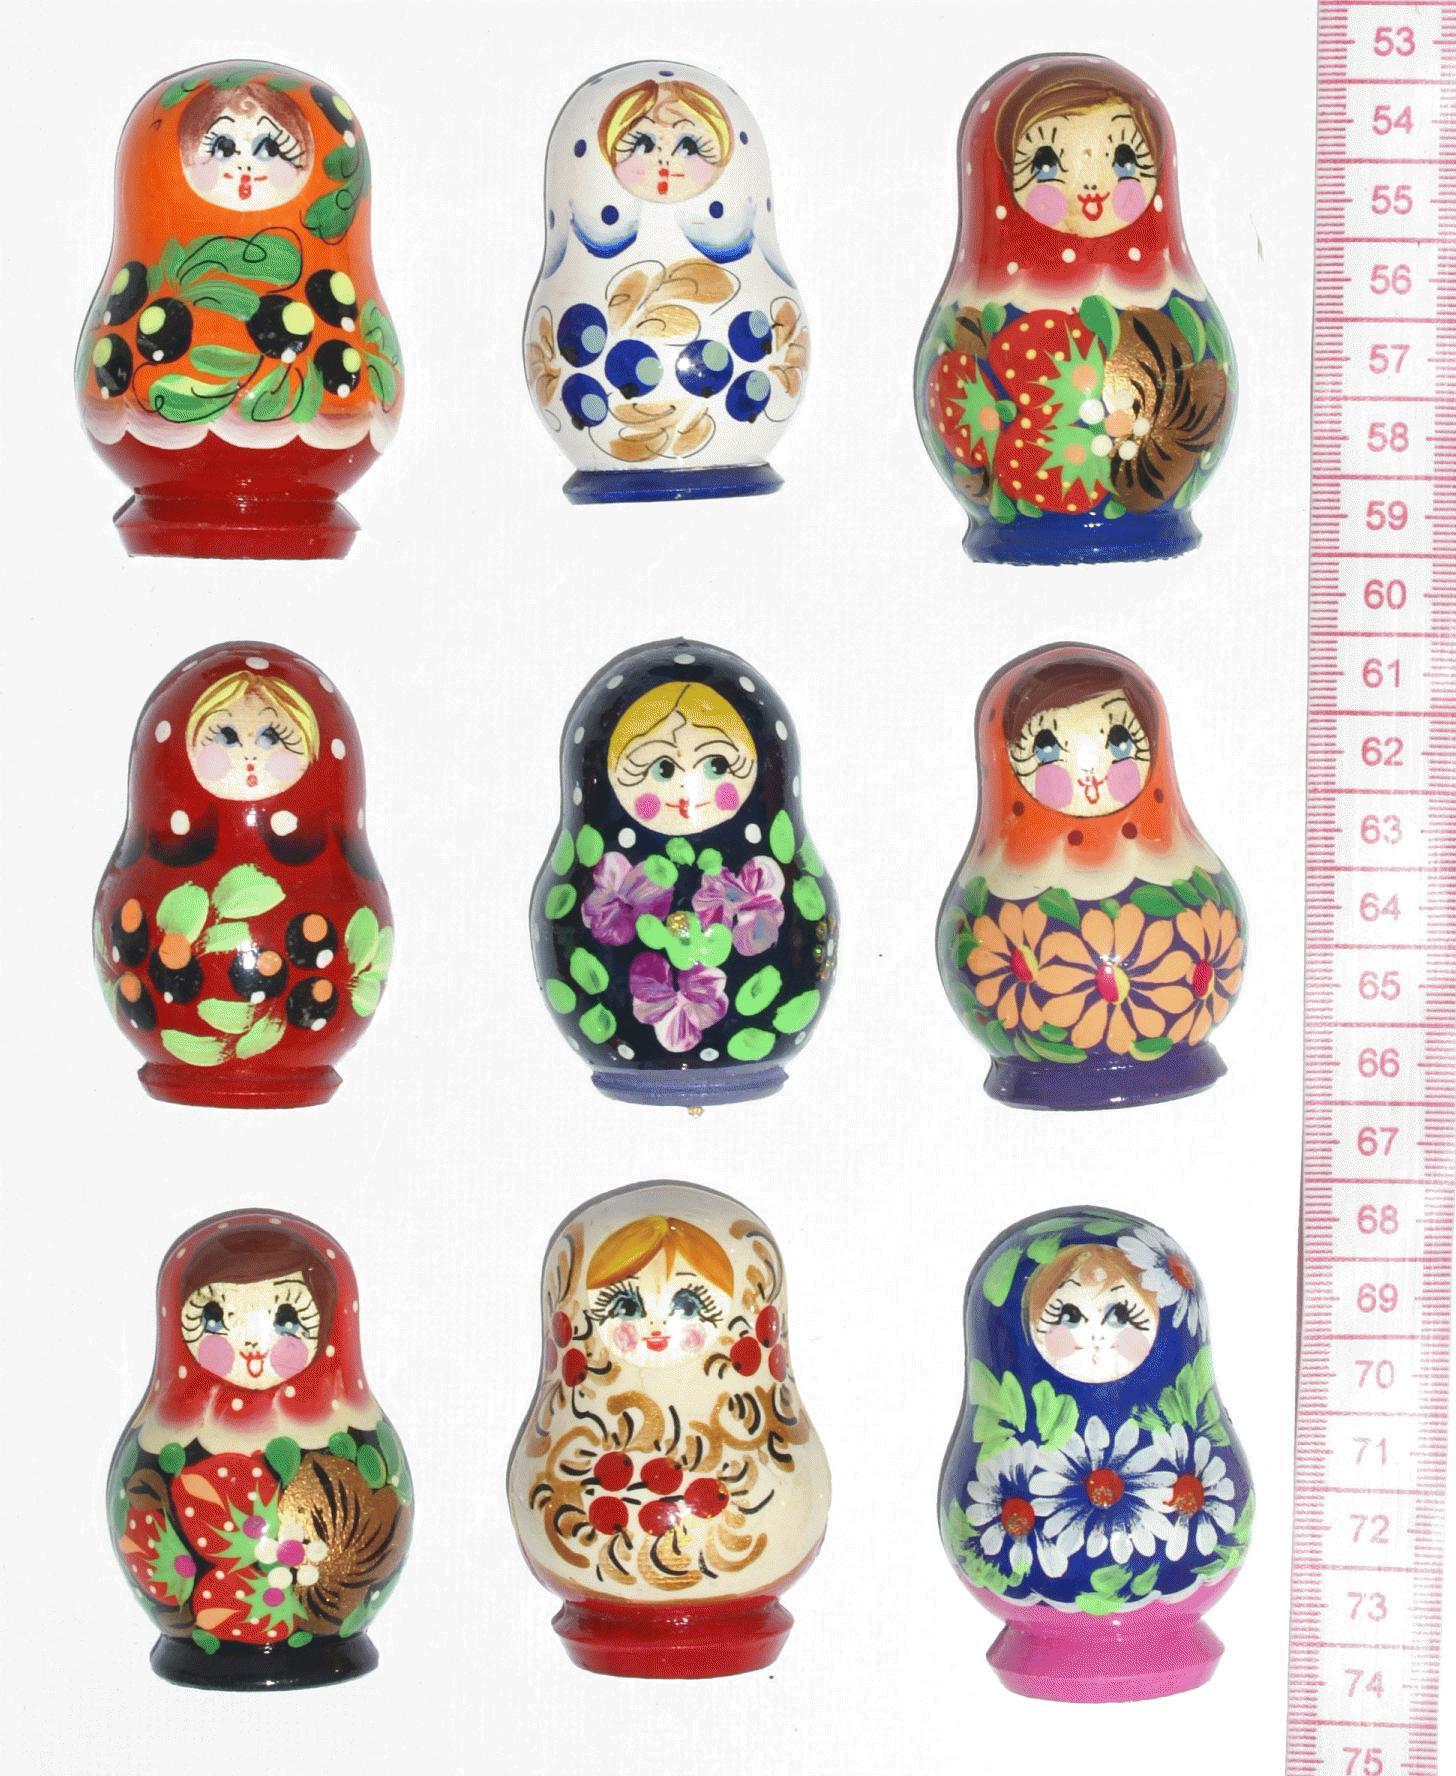 Kühlschrank-Magnete, national Handwerk von Russland zu verkaufen